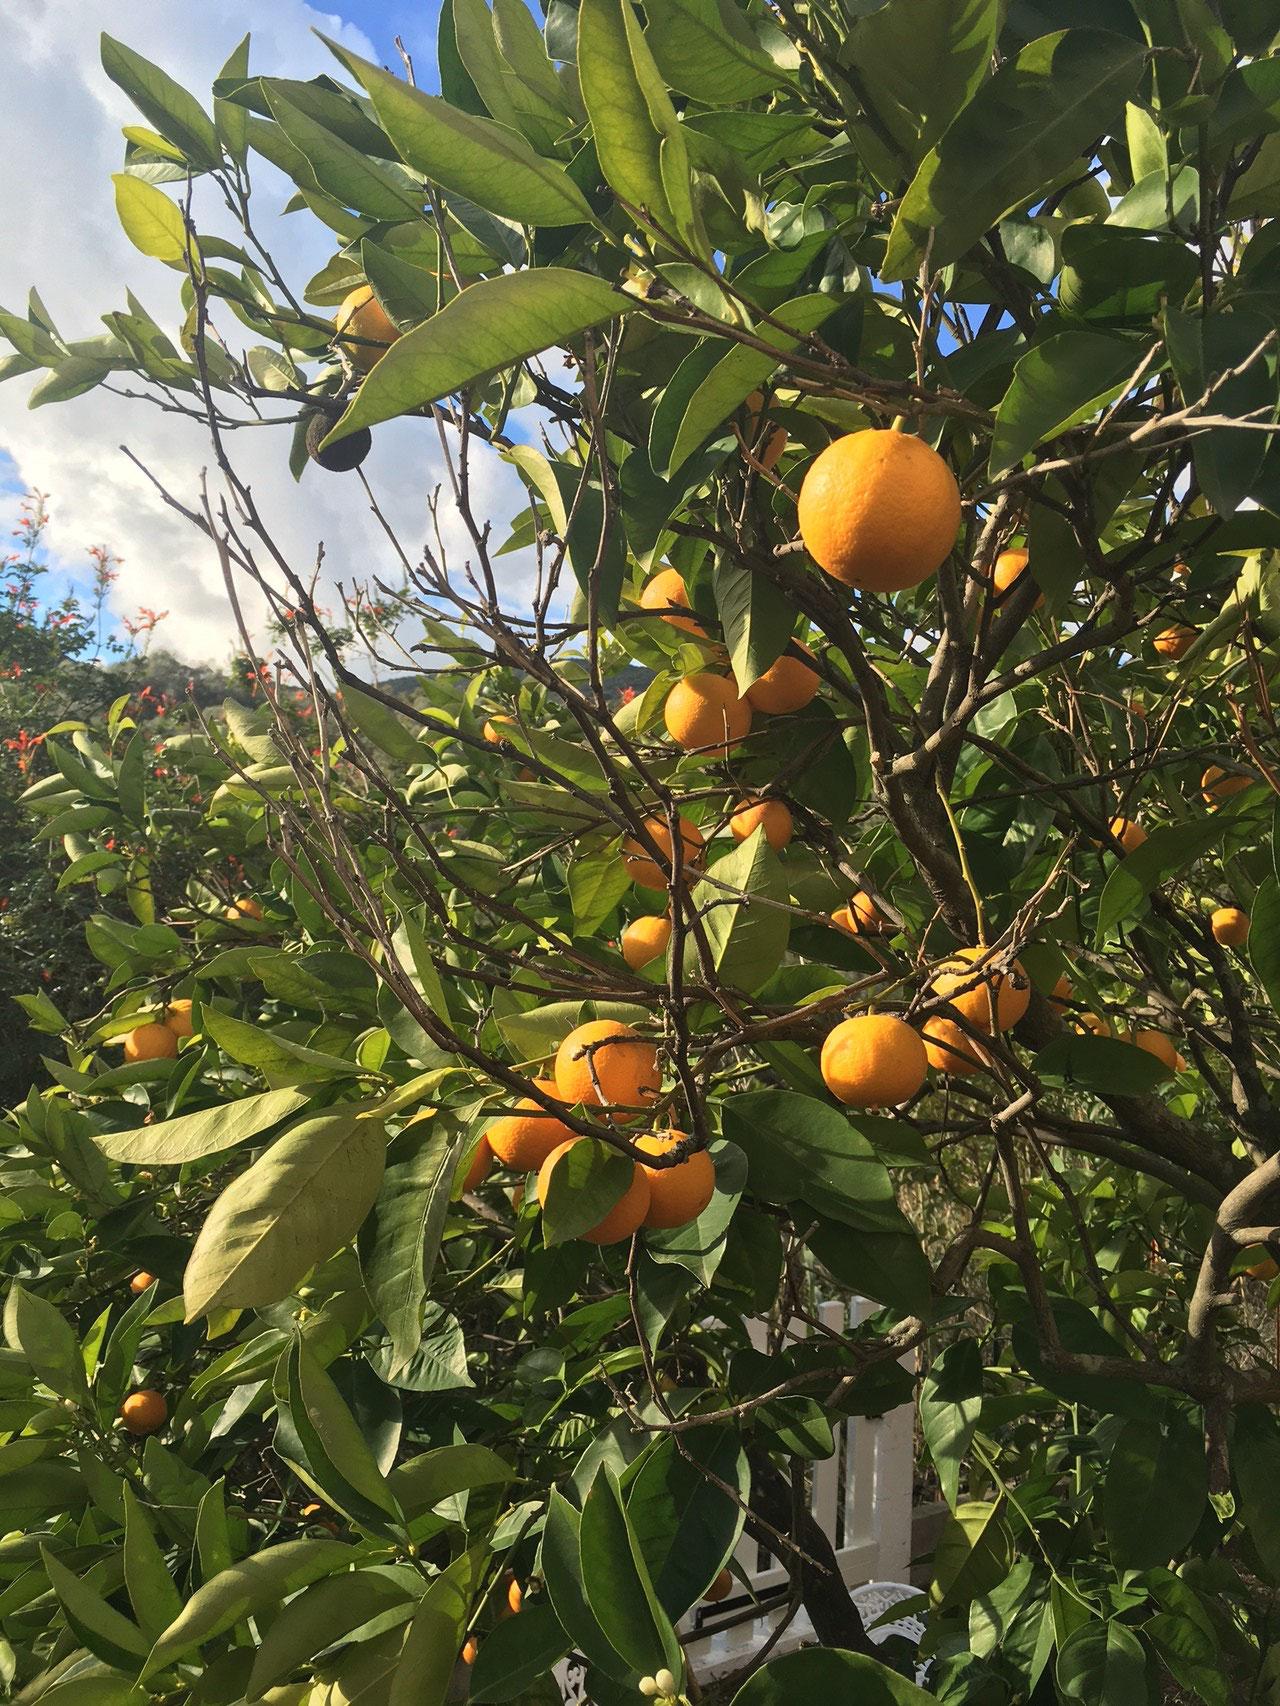 Un des orangers du jardin - La maison de Ninette -